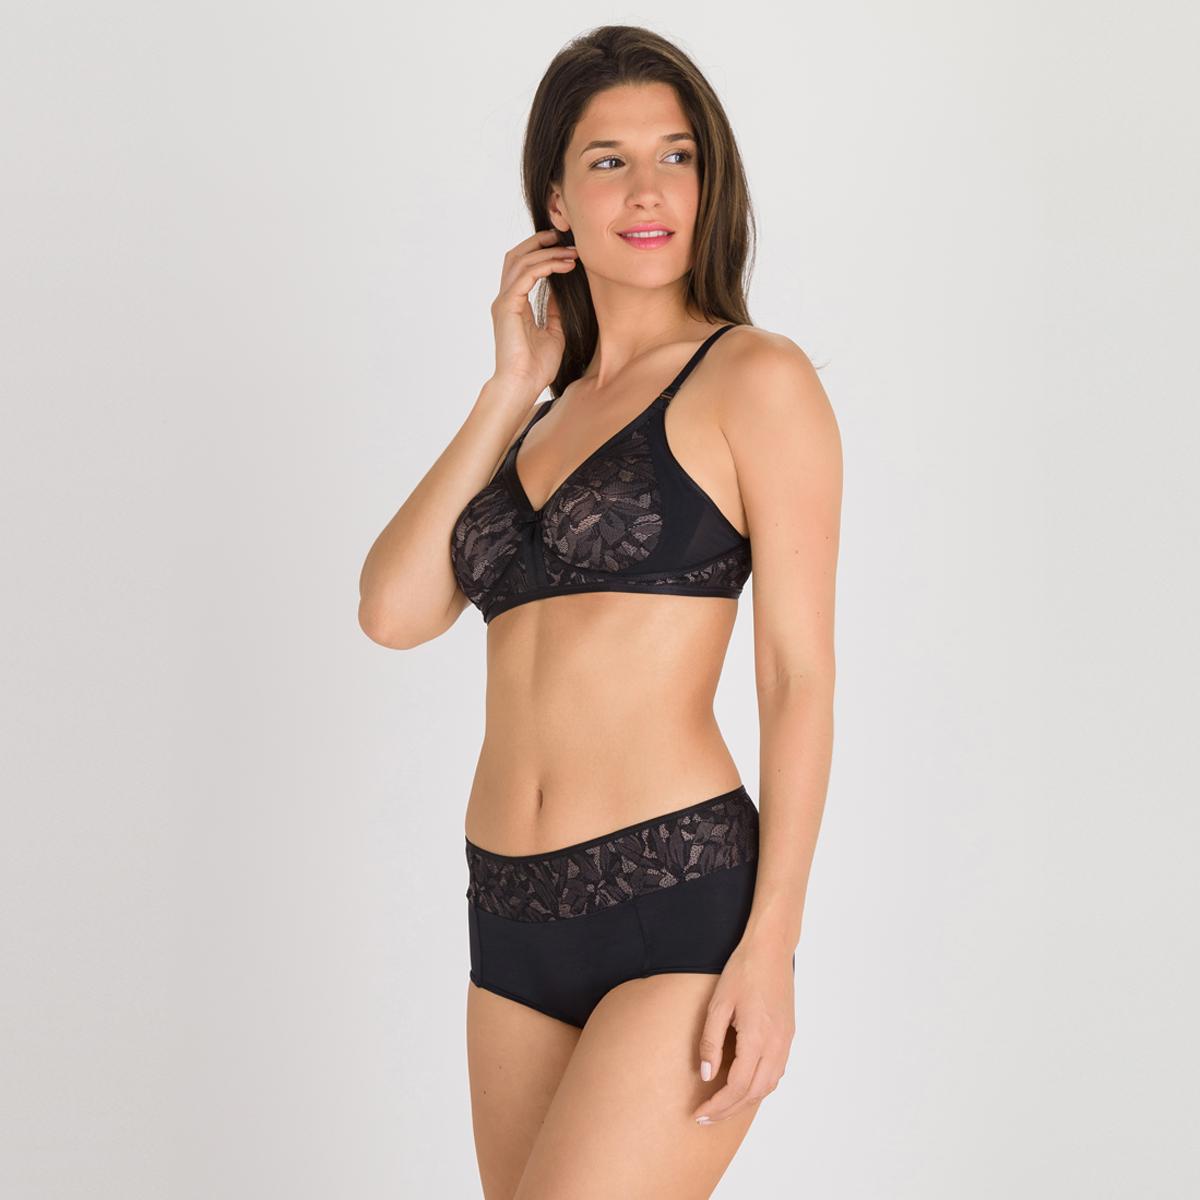 Reggiseno senza ferretto nero e grigio - Ideal Beauty Lace, , PLAYTEX